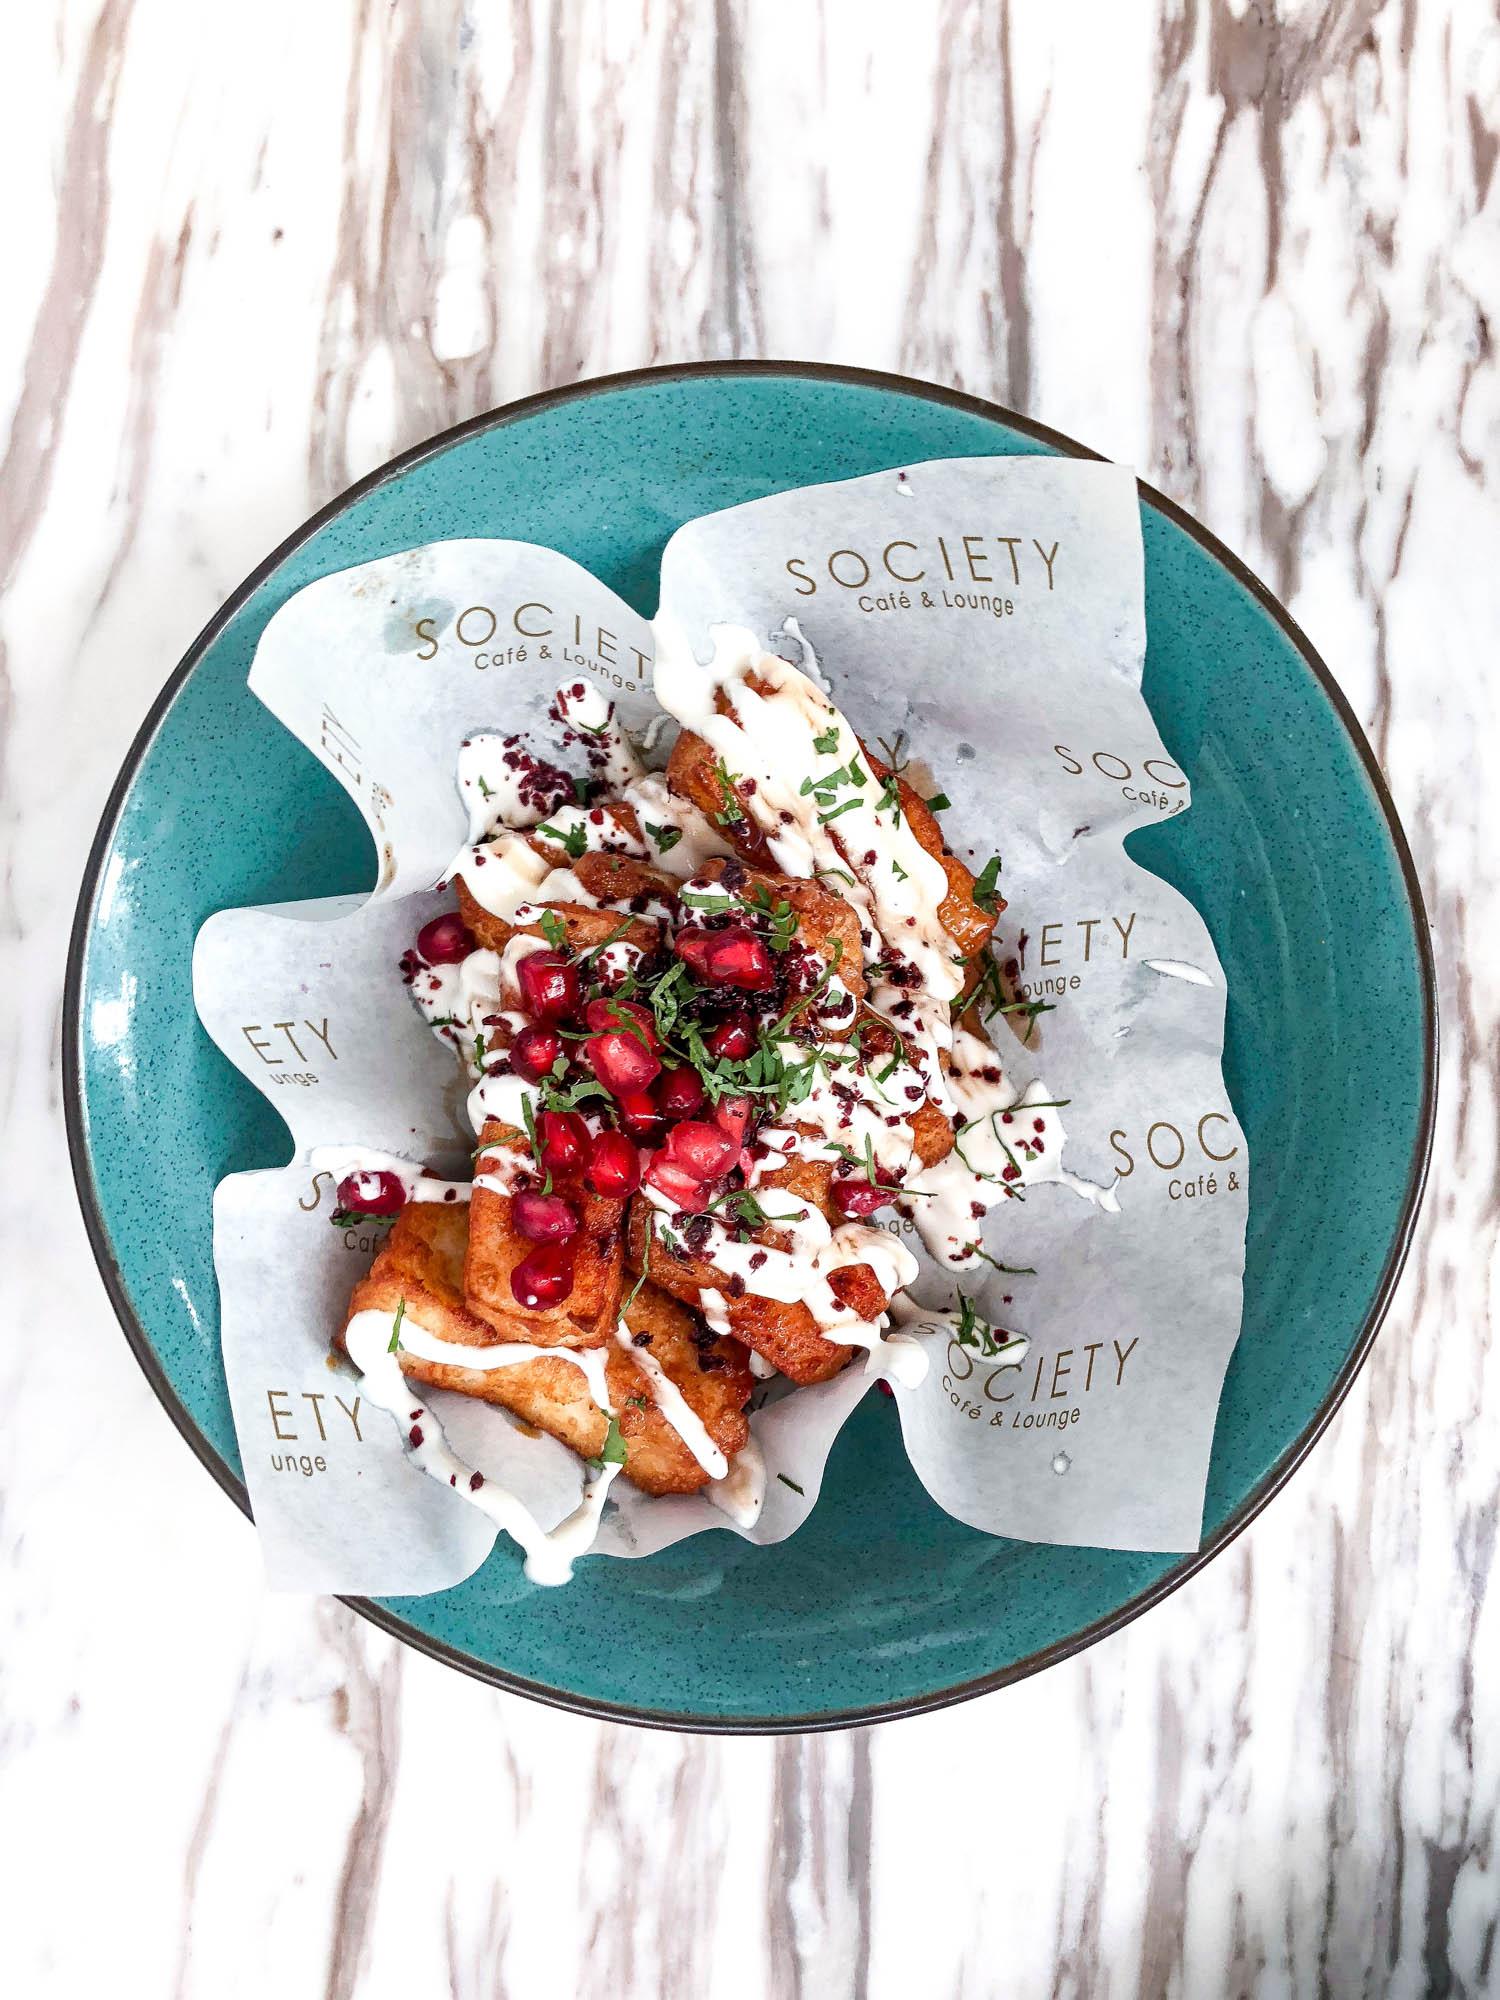 Halloumi fries at Society Cafe and Lounge | Dubai UAE